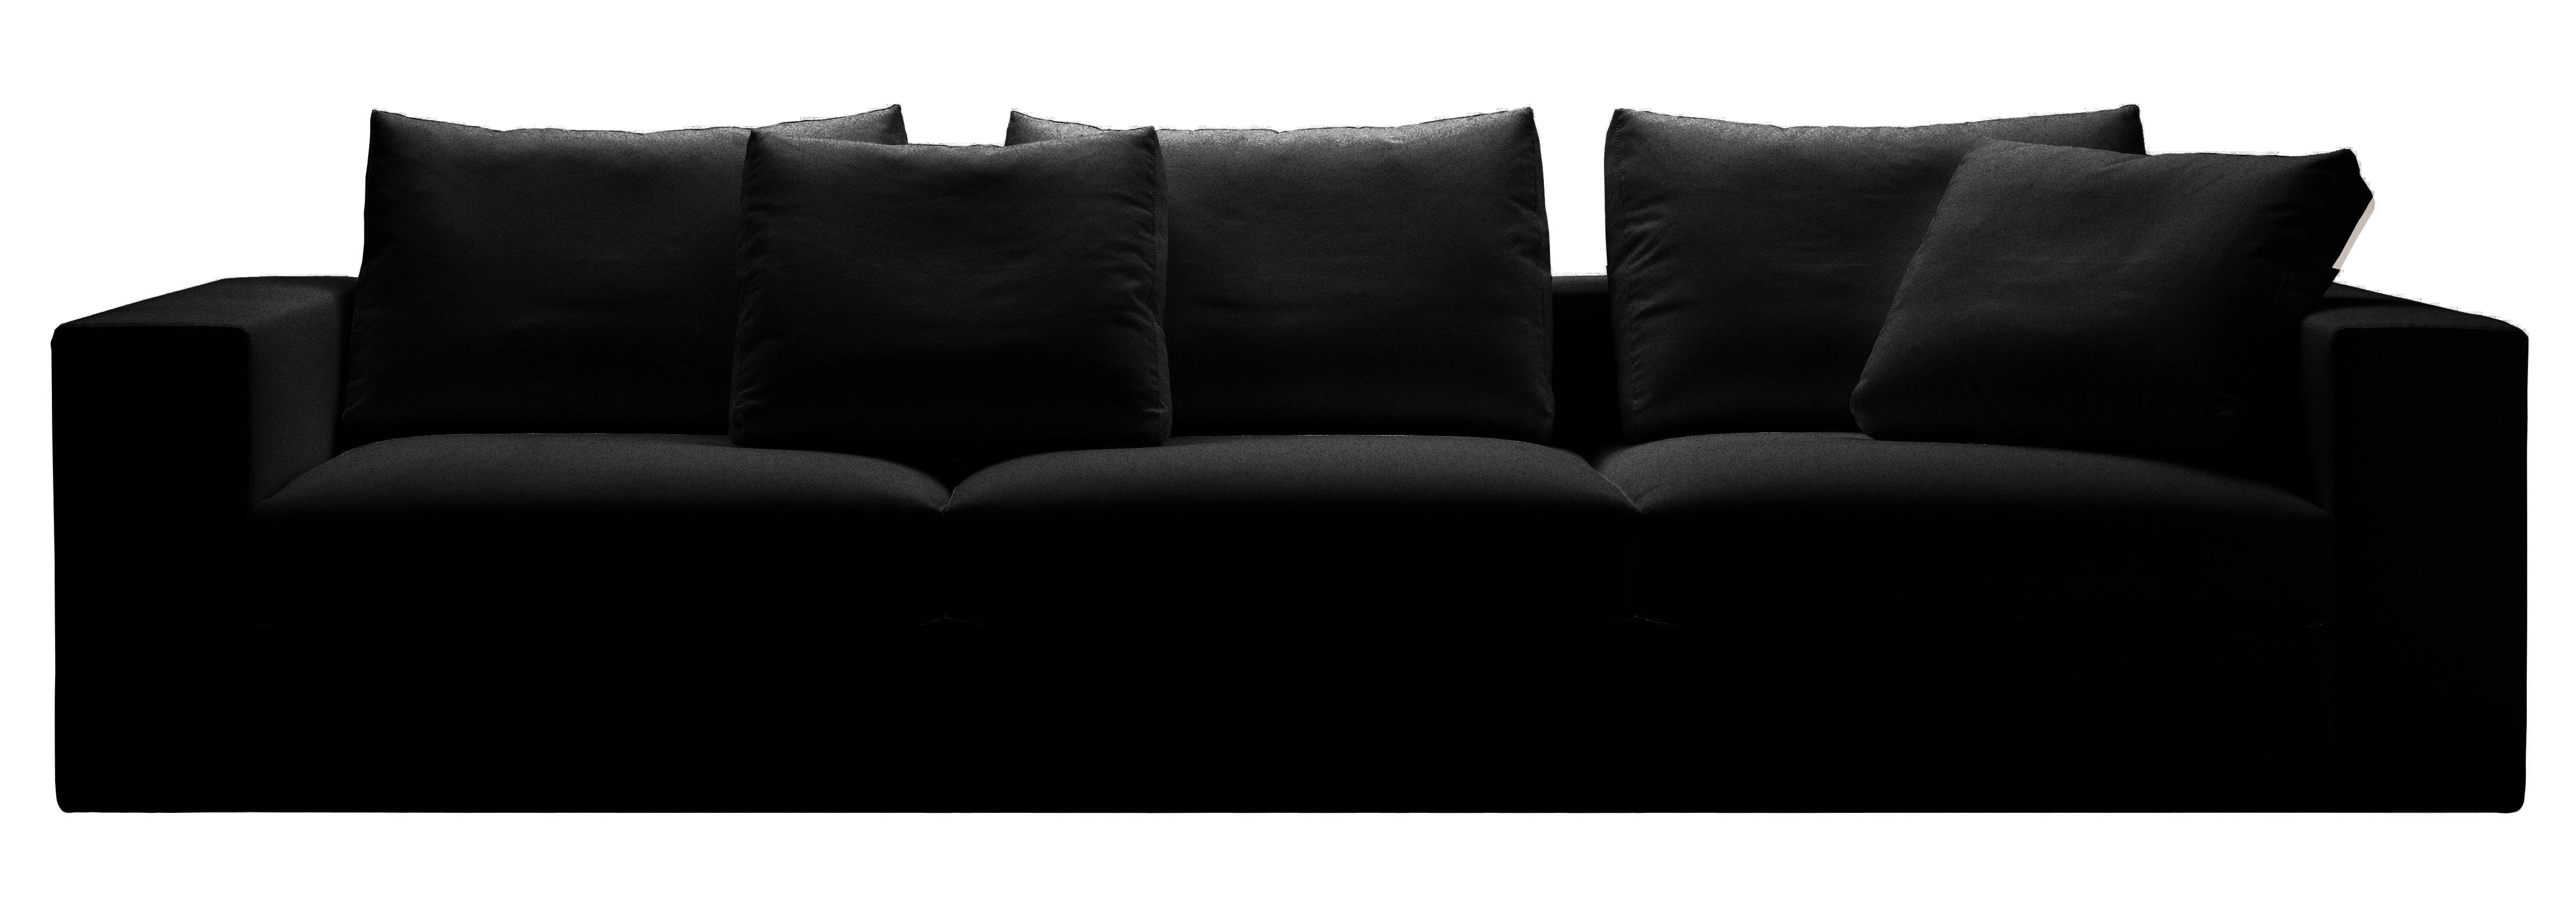 canap droit beta cuir 3 places l 284 cm cuir noir. Black Bedroom Furniture Sets. Home Design Ideas